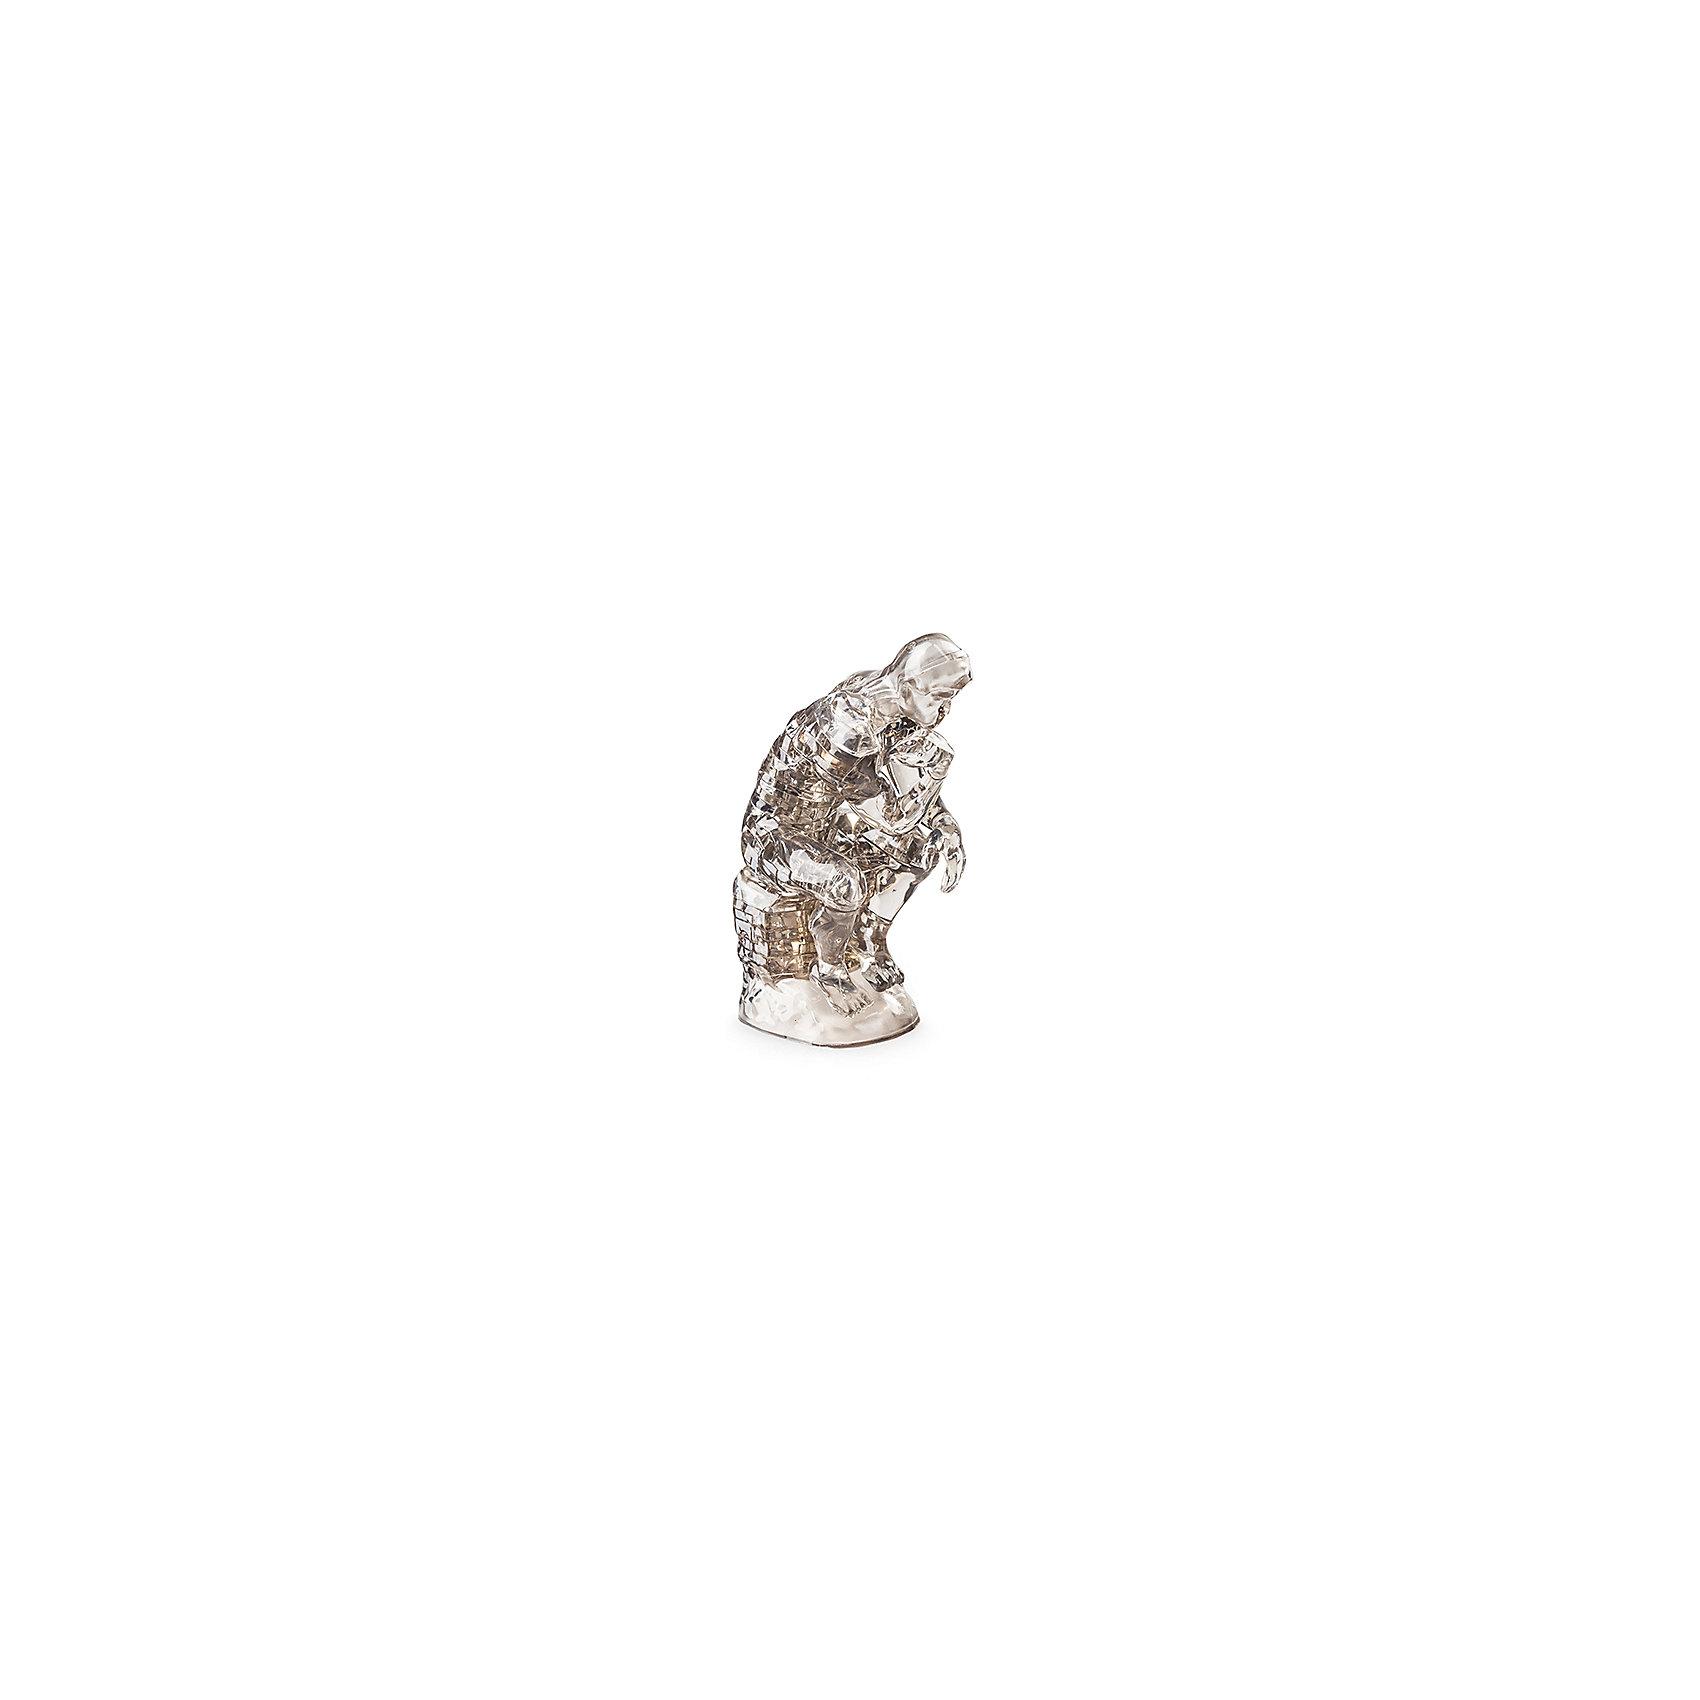 Кристаллический пазл 3D Мыслитель, Crystal PuzzleКристаллический пазл 3D Мыслитель, Crystal Puzzle (Кристал Пазл)<br><br>Характеристики:<br><br>• яркий объемный пазл<br>• размер готовой фигурки: 12.3 см<br>• количество деталей: 43<br>• сложность: средняя<br>• размер упаковки: 5х14х10 см<br>• вес: 235 грамм<br>• материал: пластик<br><br>Новые 3D пазлы - прекрасный подарок для любителей головоломок. С его помощью ребёнок сможет создать красивую фигурку Мыслителя , которая послужит украшением комнаты или станет одной из любимых игрушек. Мыслитель - копия скульптурной работы Огюста Родена. В комплект входят 43 сверкающие детали. Подробная инструкция поможет вам не совершить ошибки во время игры. Игра с пазлами поможет развить внимательность, усидчивость и логическое мышление.<br><br>Кристаллический пазл 3D Мыслитель, Crystal Puzzle (Кристал Пазл) вы можете купить в интернет-магазине.<br><br>Ширина мм: 100<br>Глубина мм: 140<br>Высота мм: 50<br>Вес г: 235<br>Возраст от месяцев: 120<br>Возраст до месяцев: 2147483647<br>Пол: Унисекс<br>Возраст: Детский<br>SKU: 5397222